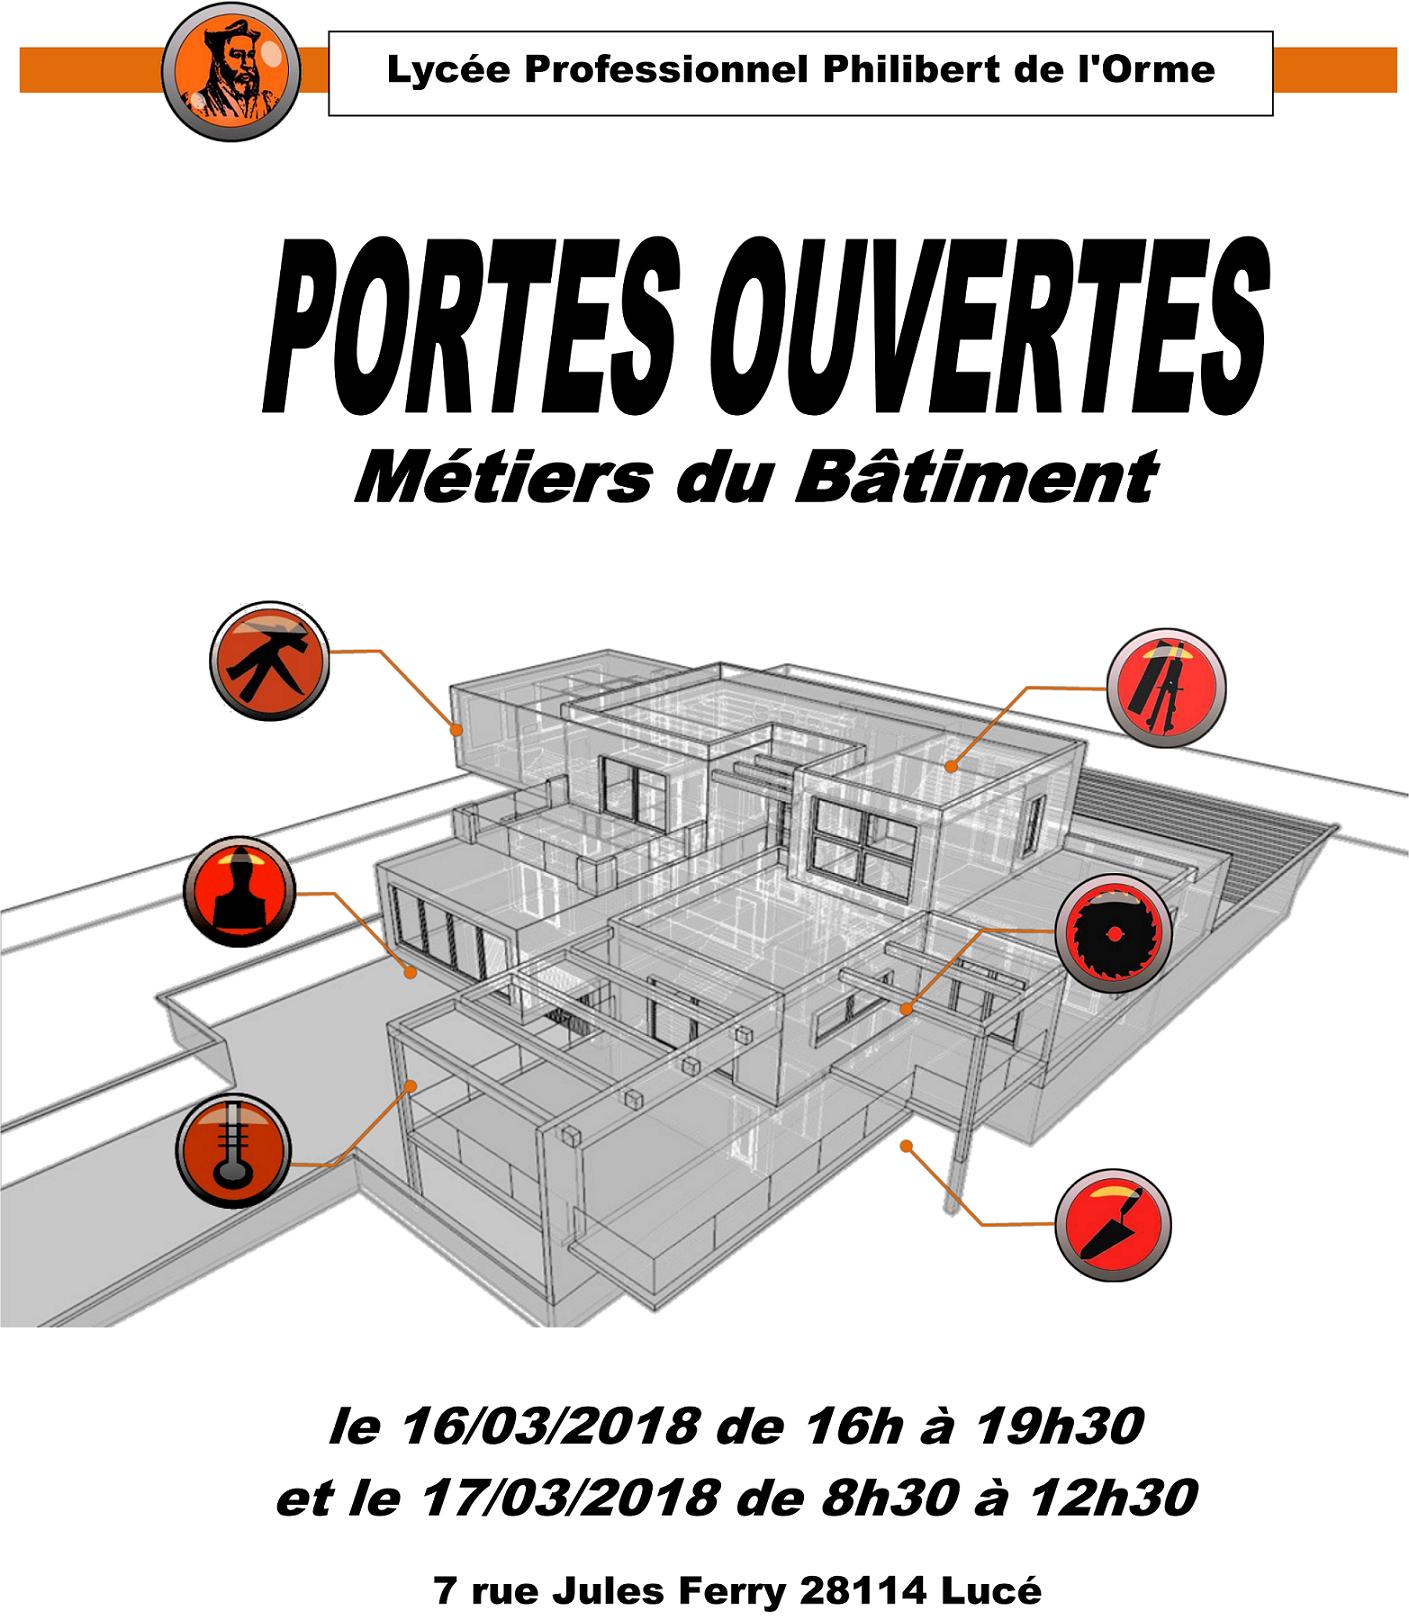 Portes ouvertes Lycée Philibert de l'Orme